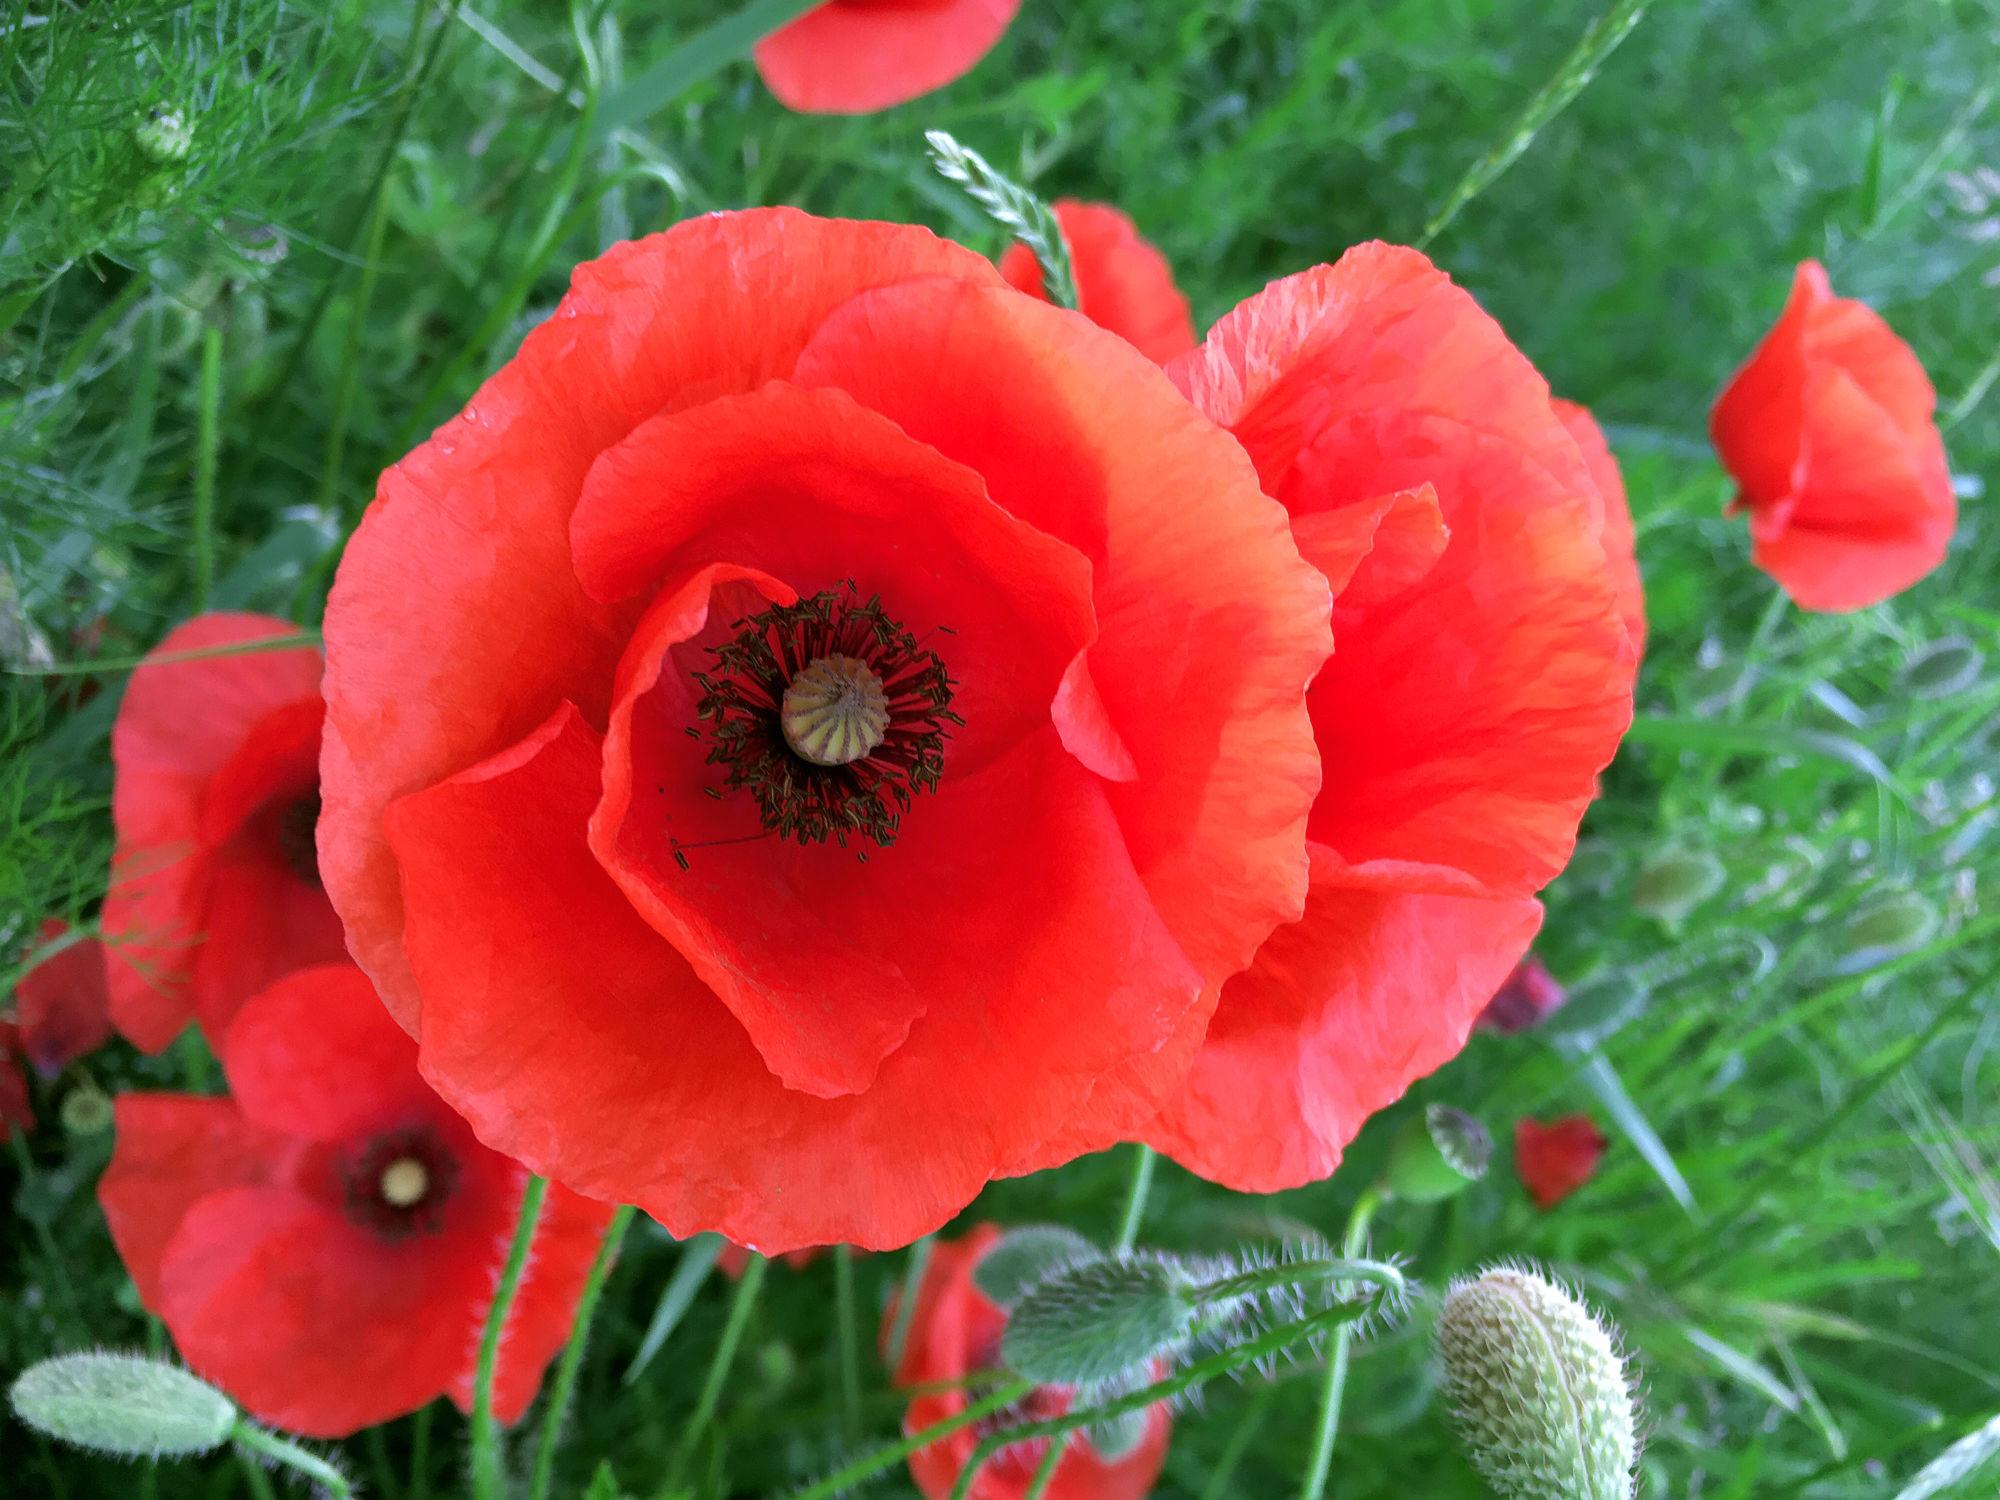 Bild mit Blumen, Mohn, Blume, Pflanze, Mohnblume, Poppy, Poppies, Wiese, Feld, Feldblume, Feldblumen, Mohnblumen auf der grünen Wiese